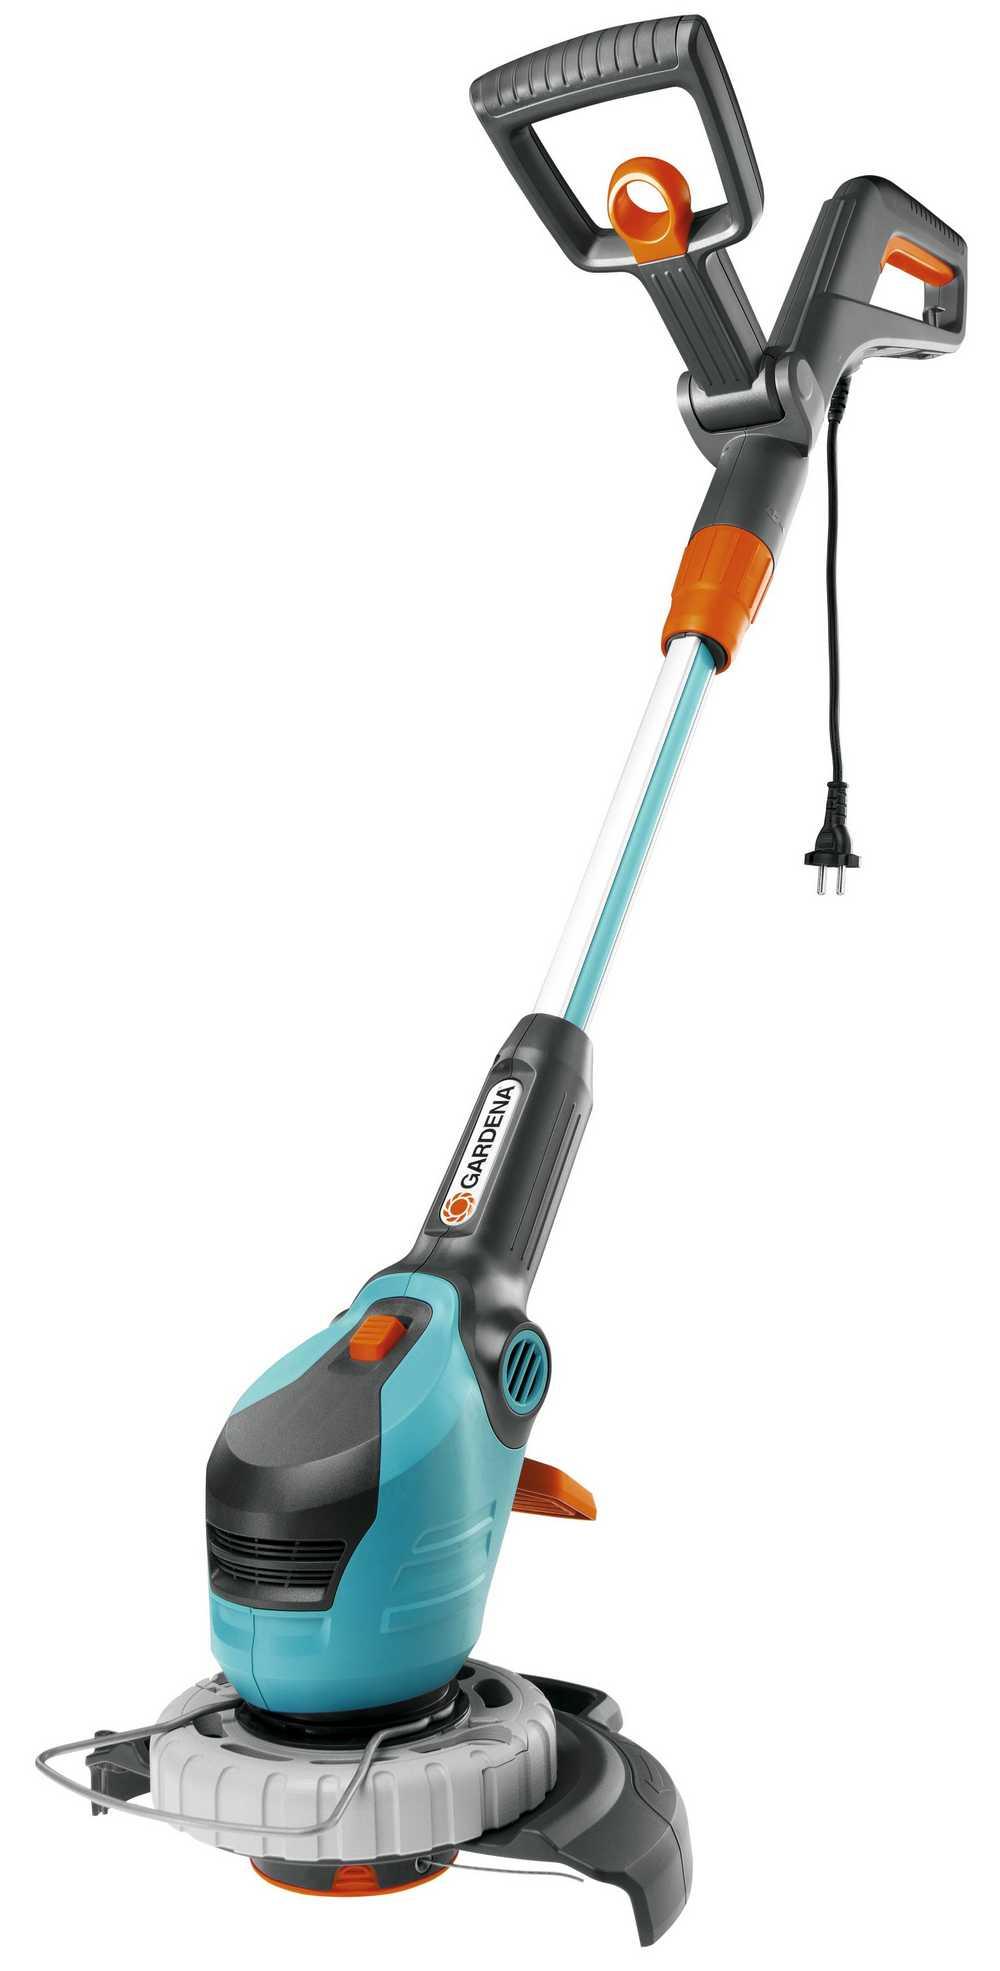 Powercut trimmer 500/27